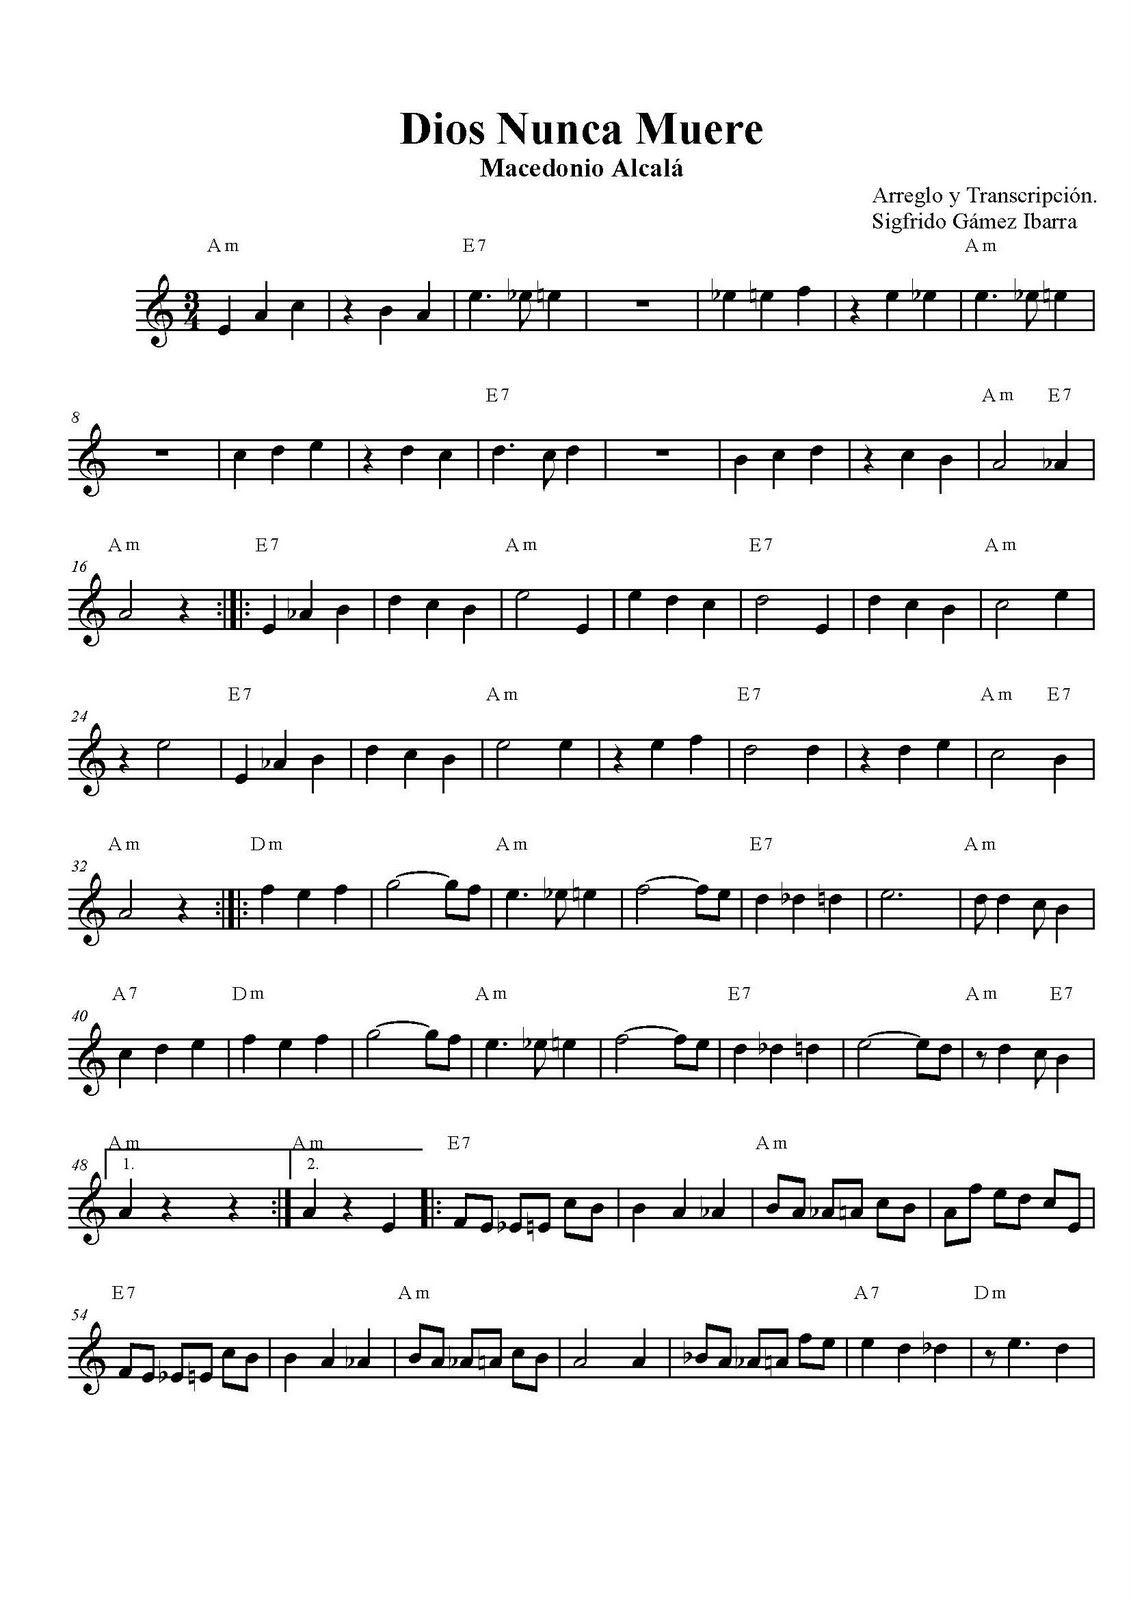 Dios Nunca Muere Page 1 Jpg 1131 1600 Partituras Circulo De Quintas Partituras De Saxofón